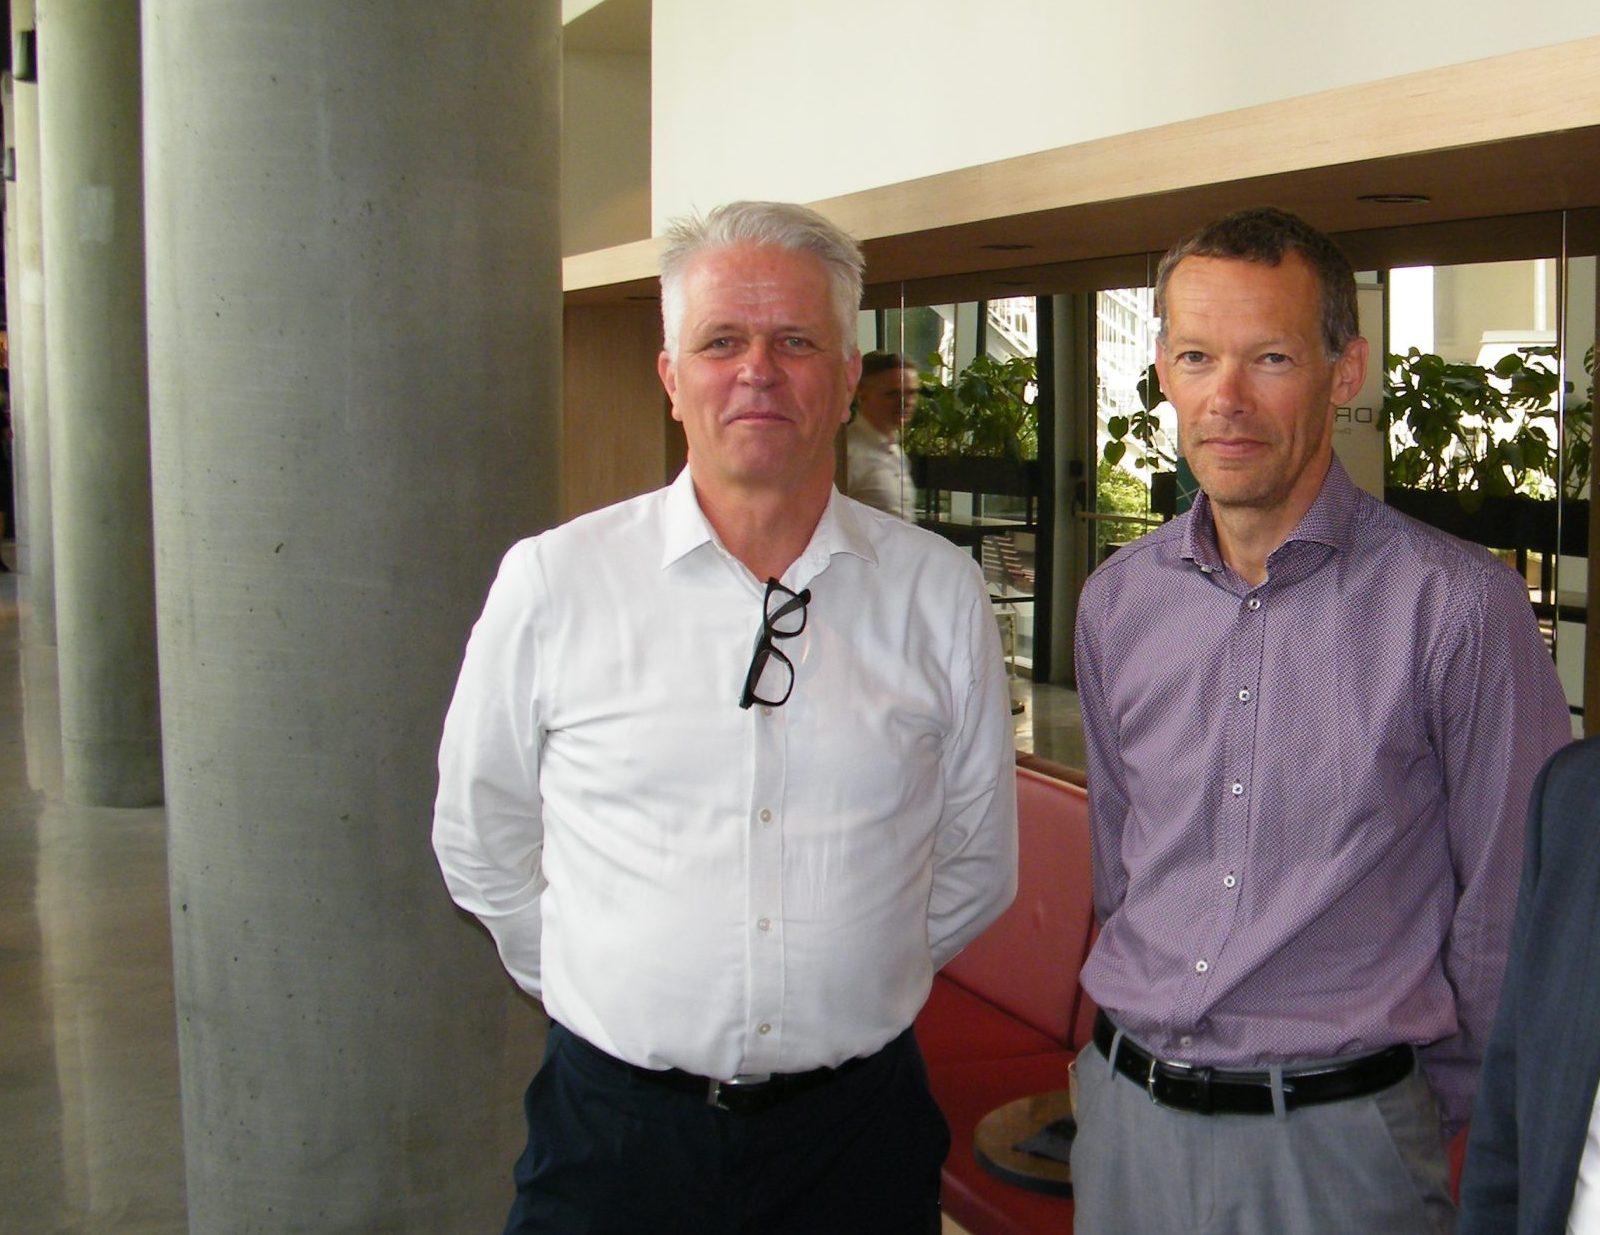 """""""Vi lytter til rejsebranchen i arbejdet med at definere, hvordan rejsevejledningerne kan se ud efter 1. november,"""" siger chef for Borgerservice, Erik Brøgger Rasmussen, til højre. Her med DRF's direktør, Lars Thykier. Arkivfoto: Henrik Baumgarten."""